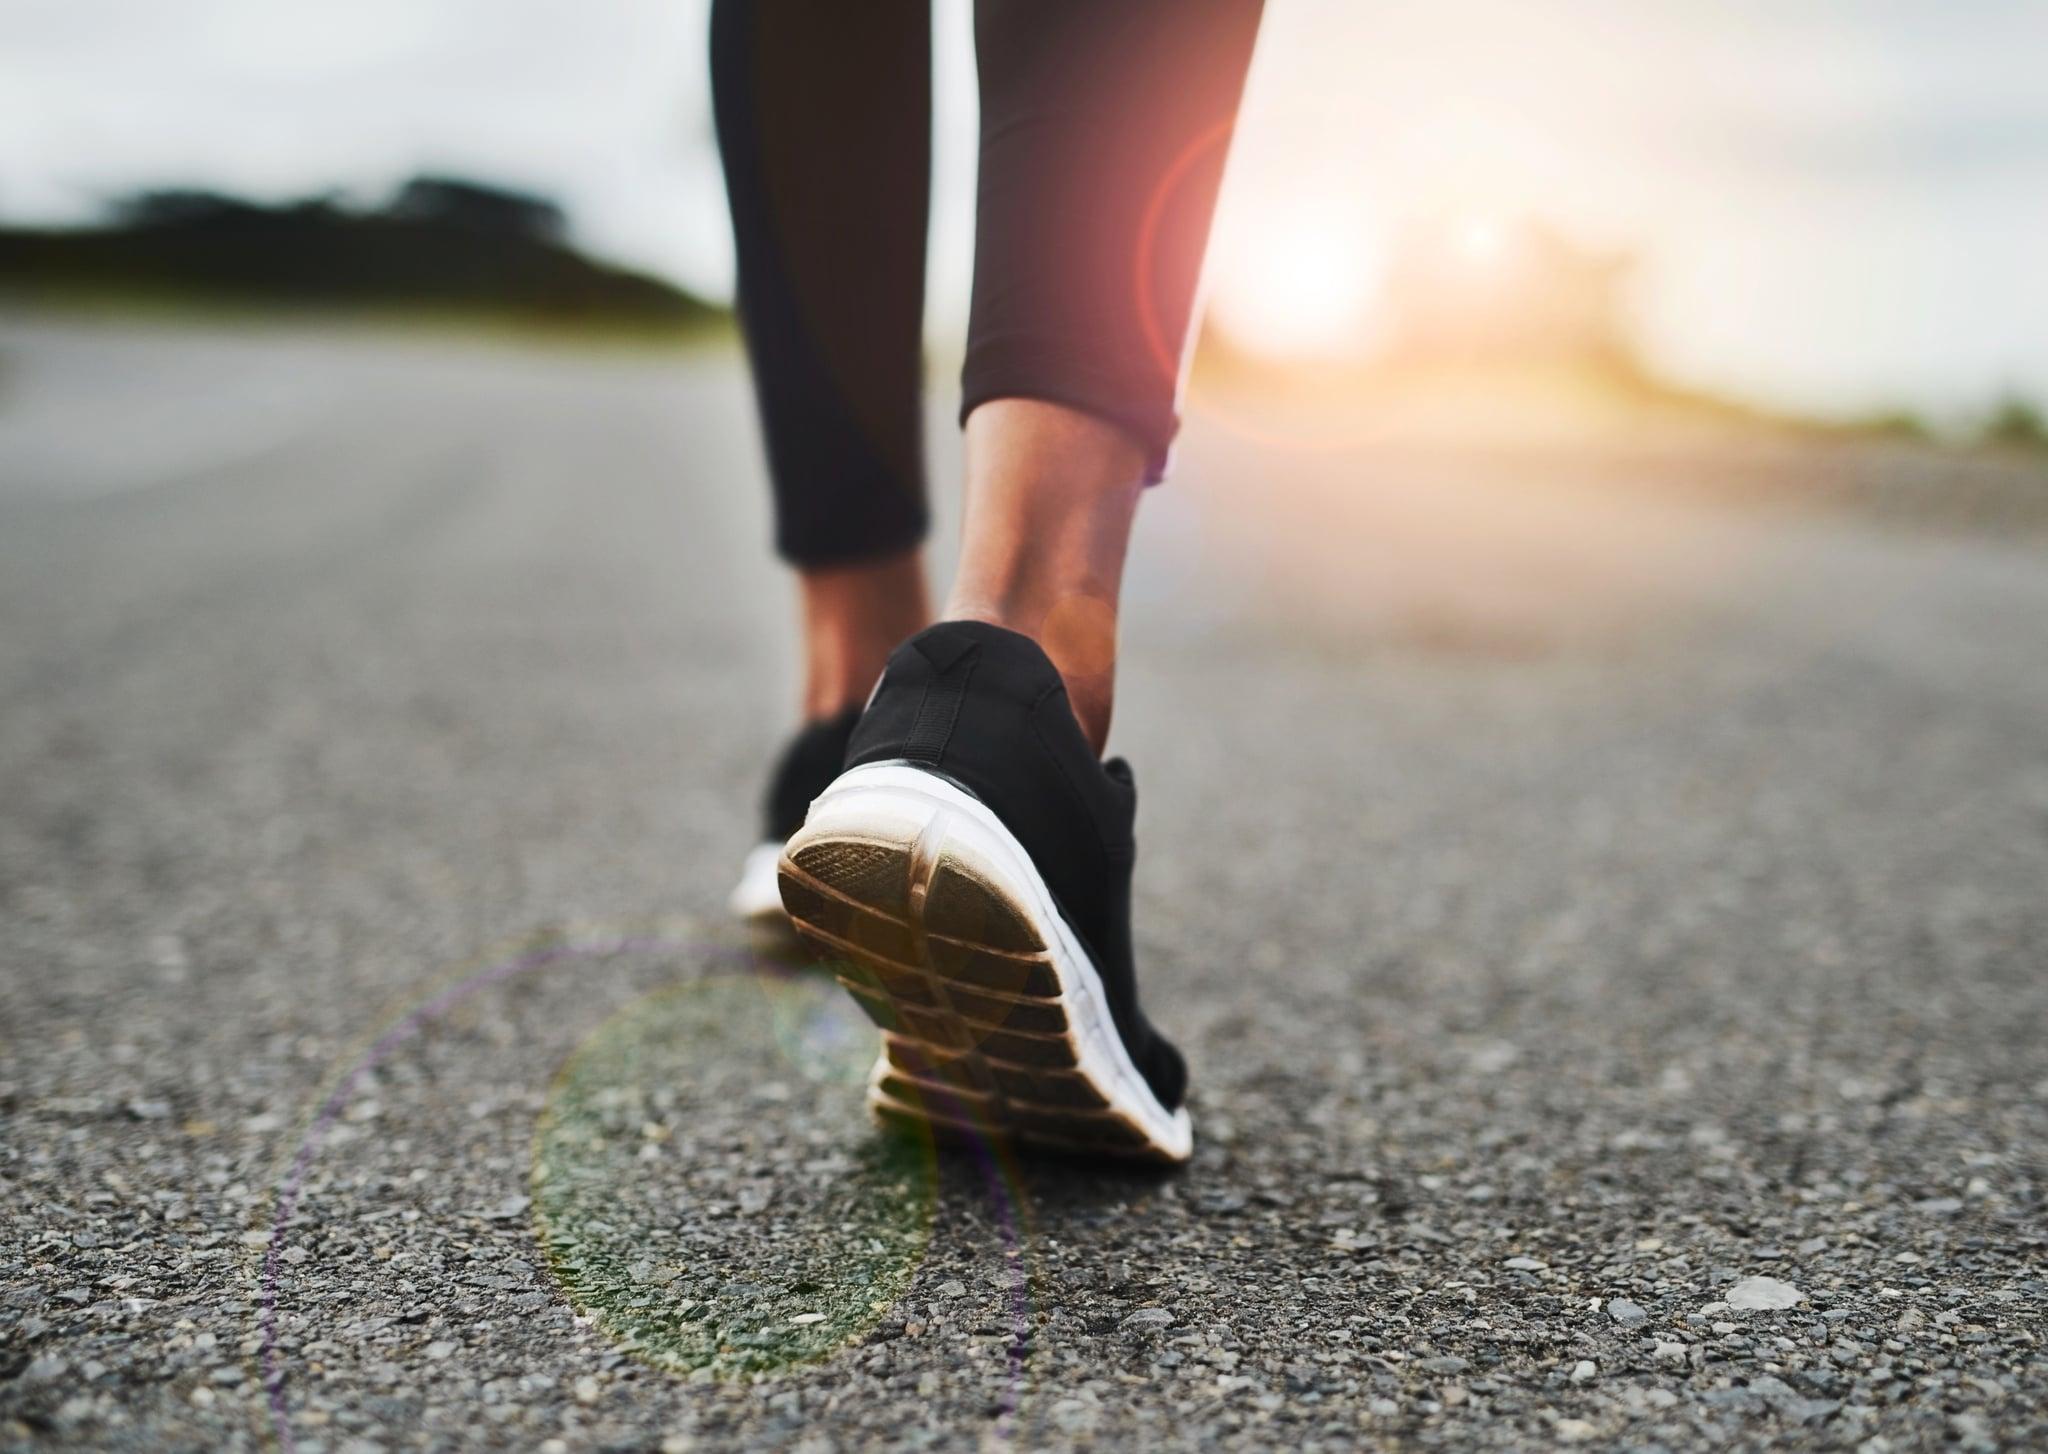 Đi bộ giúp cơ thể dẻo dai, tiêu hao năng lượng